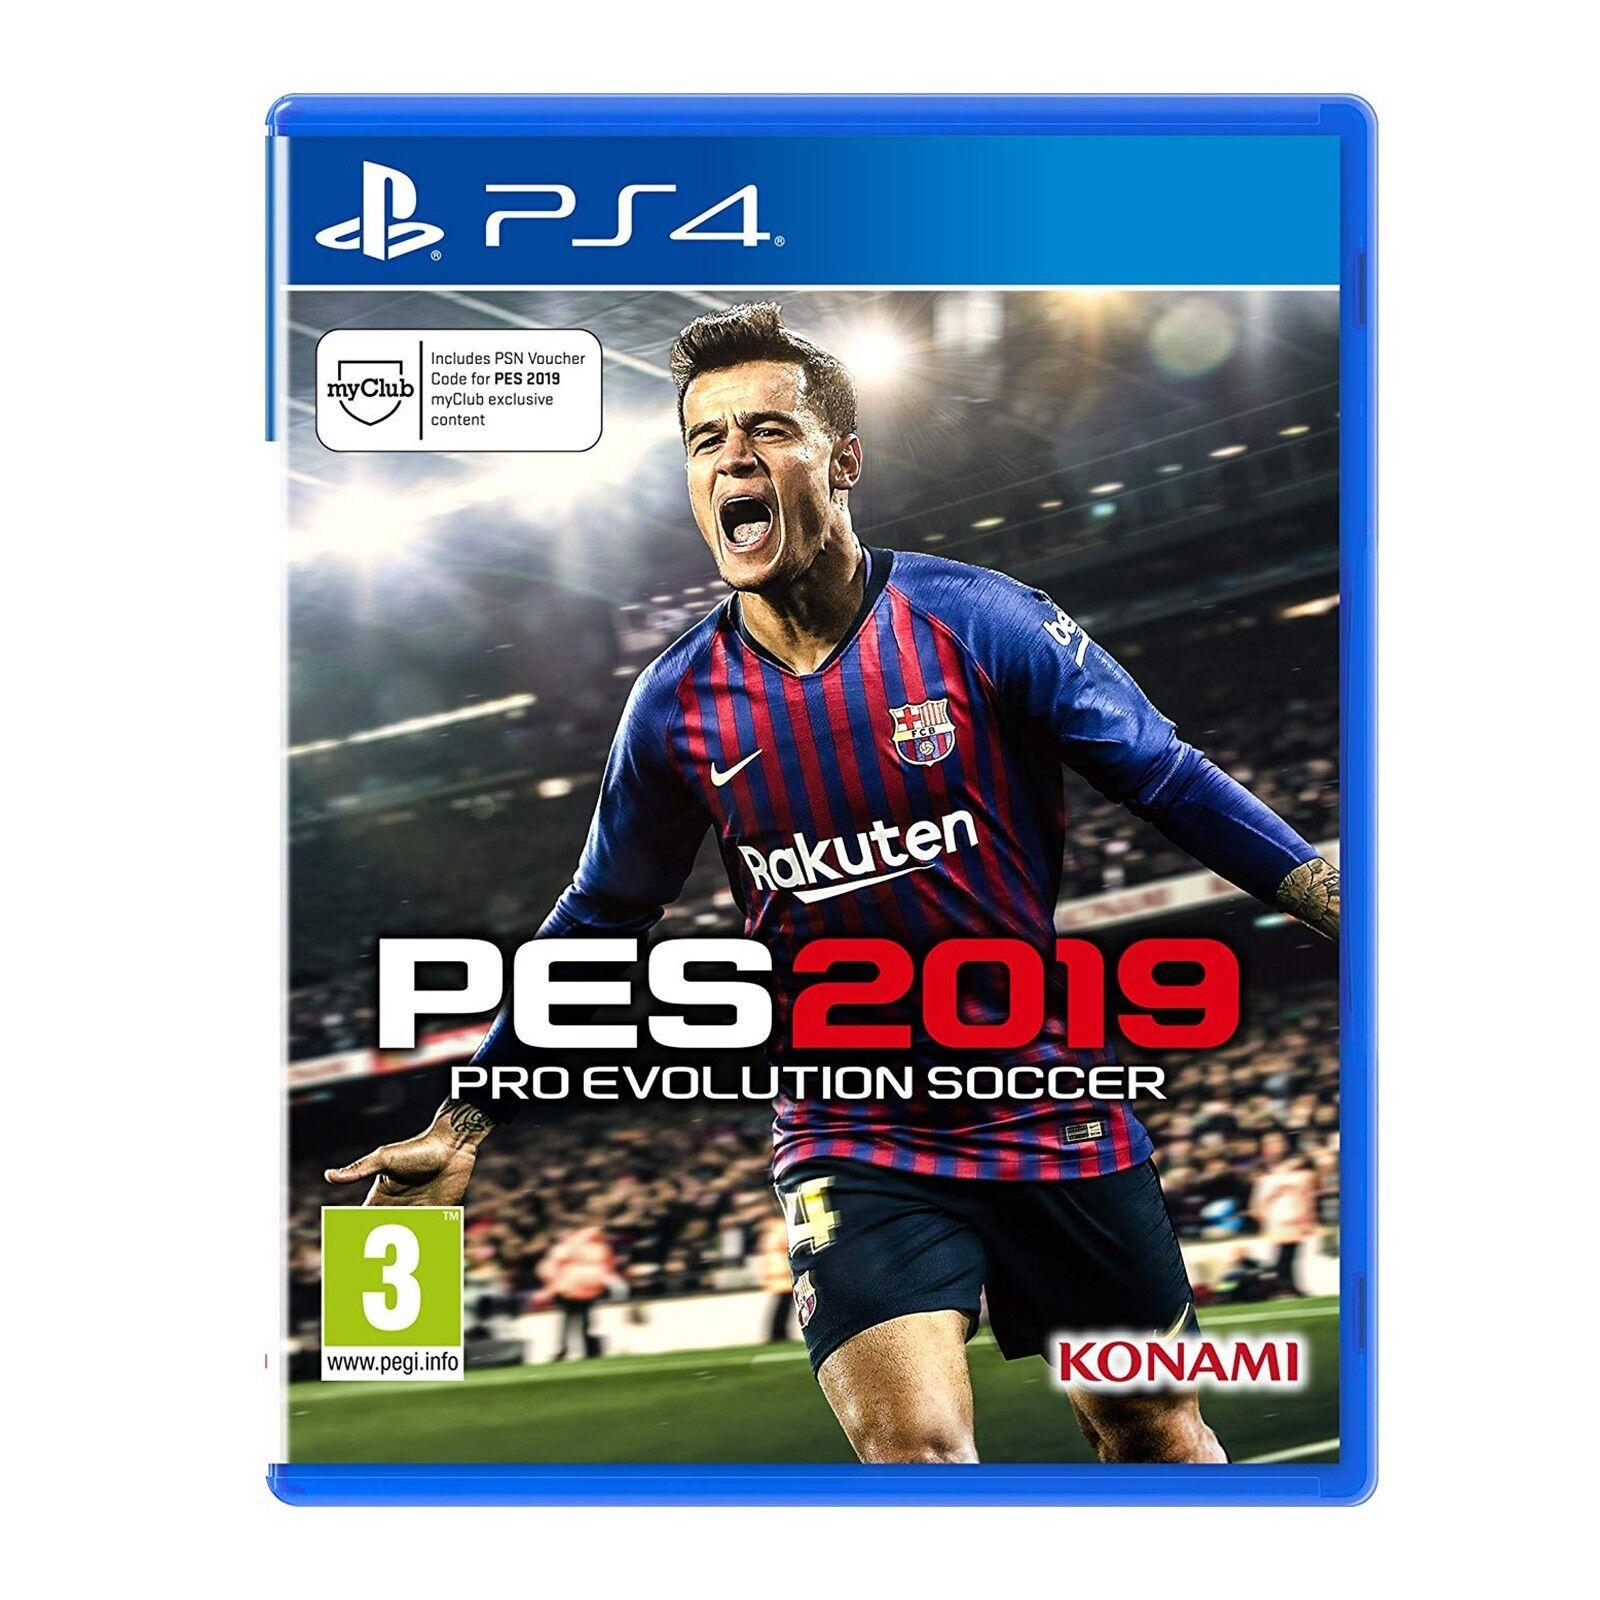 Konami Pro Evolution Soccer PES 2019 Videogioco per PlayStation 4 PS4